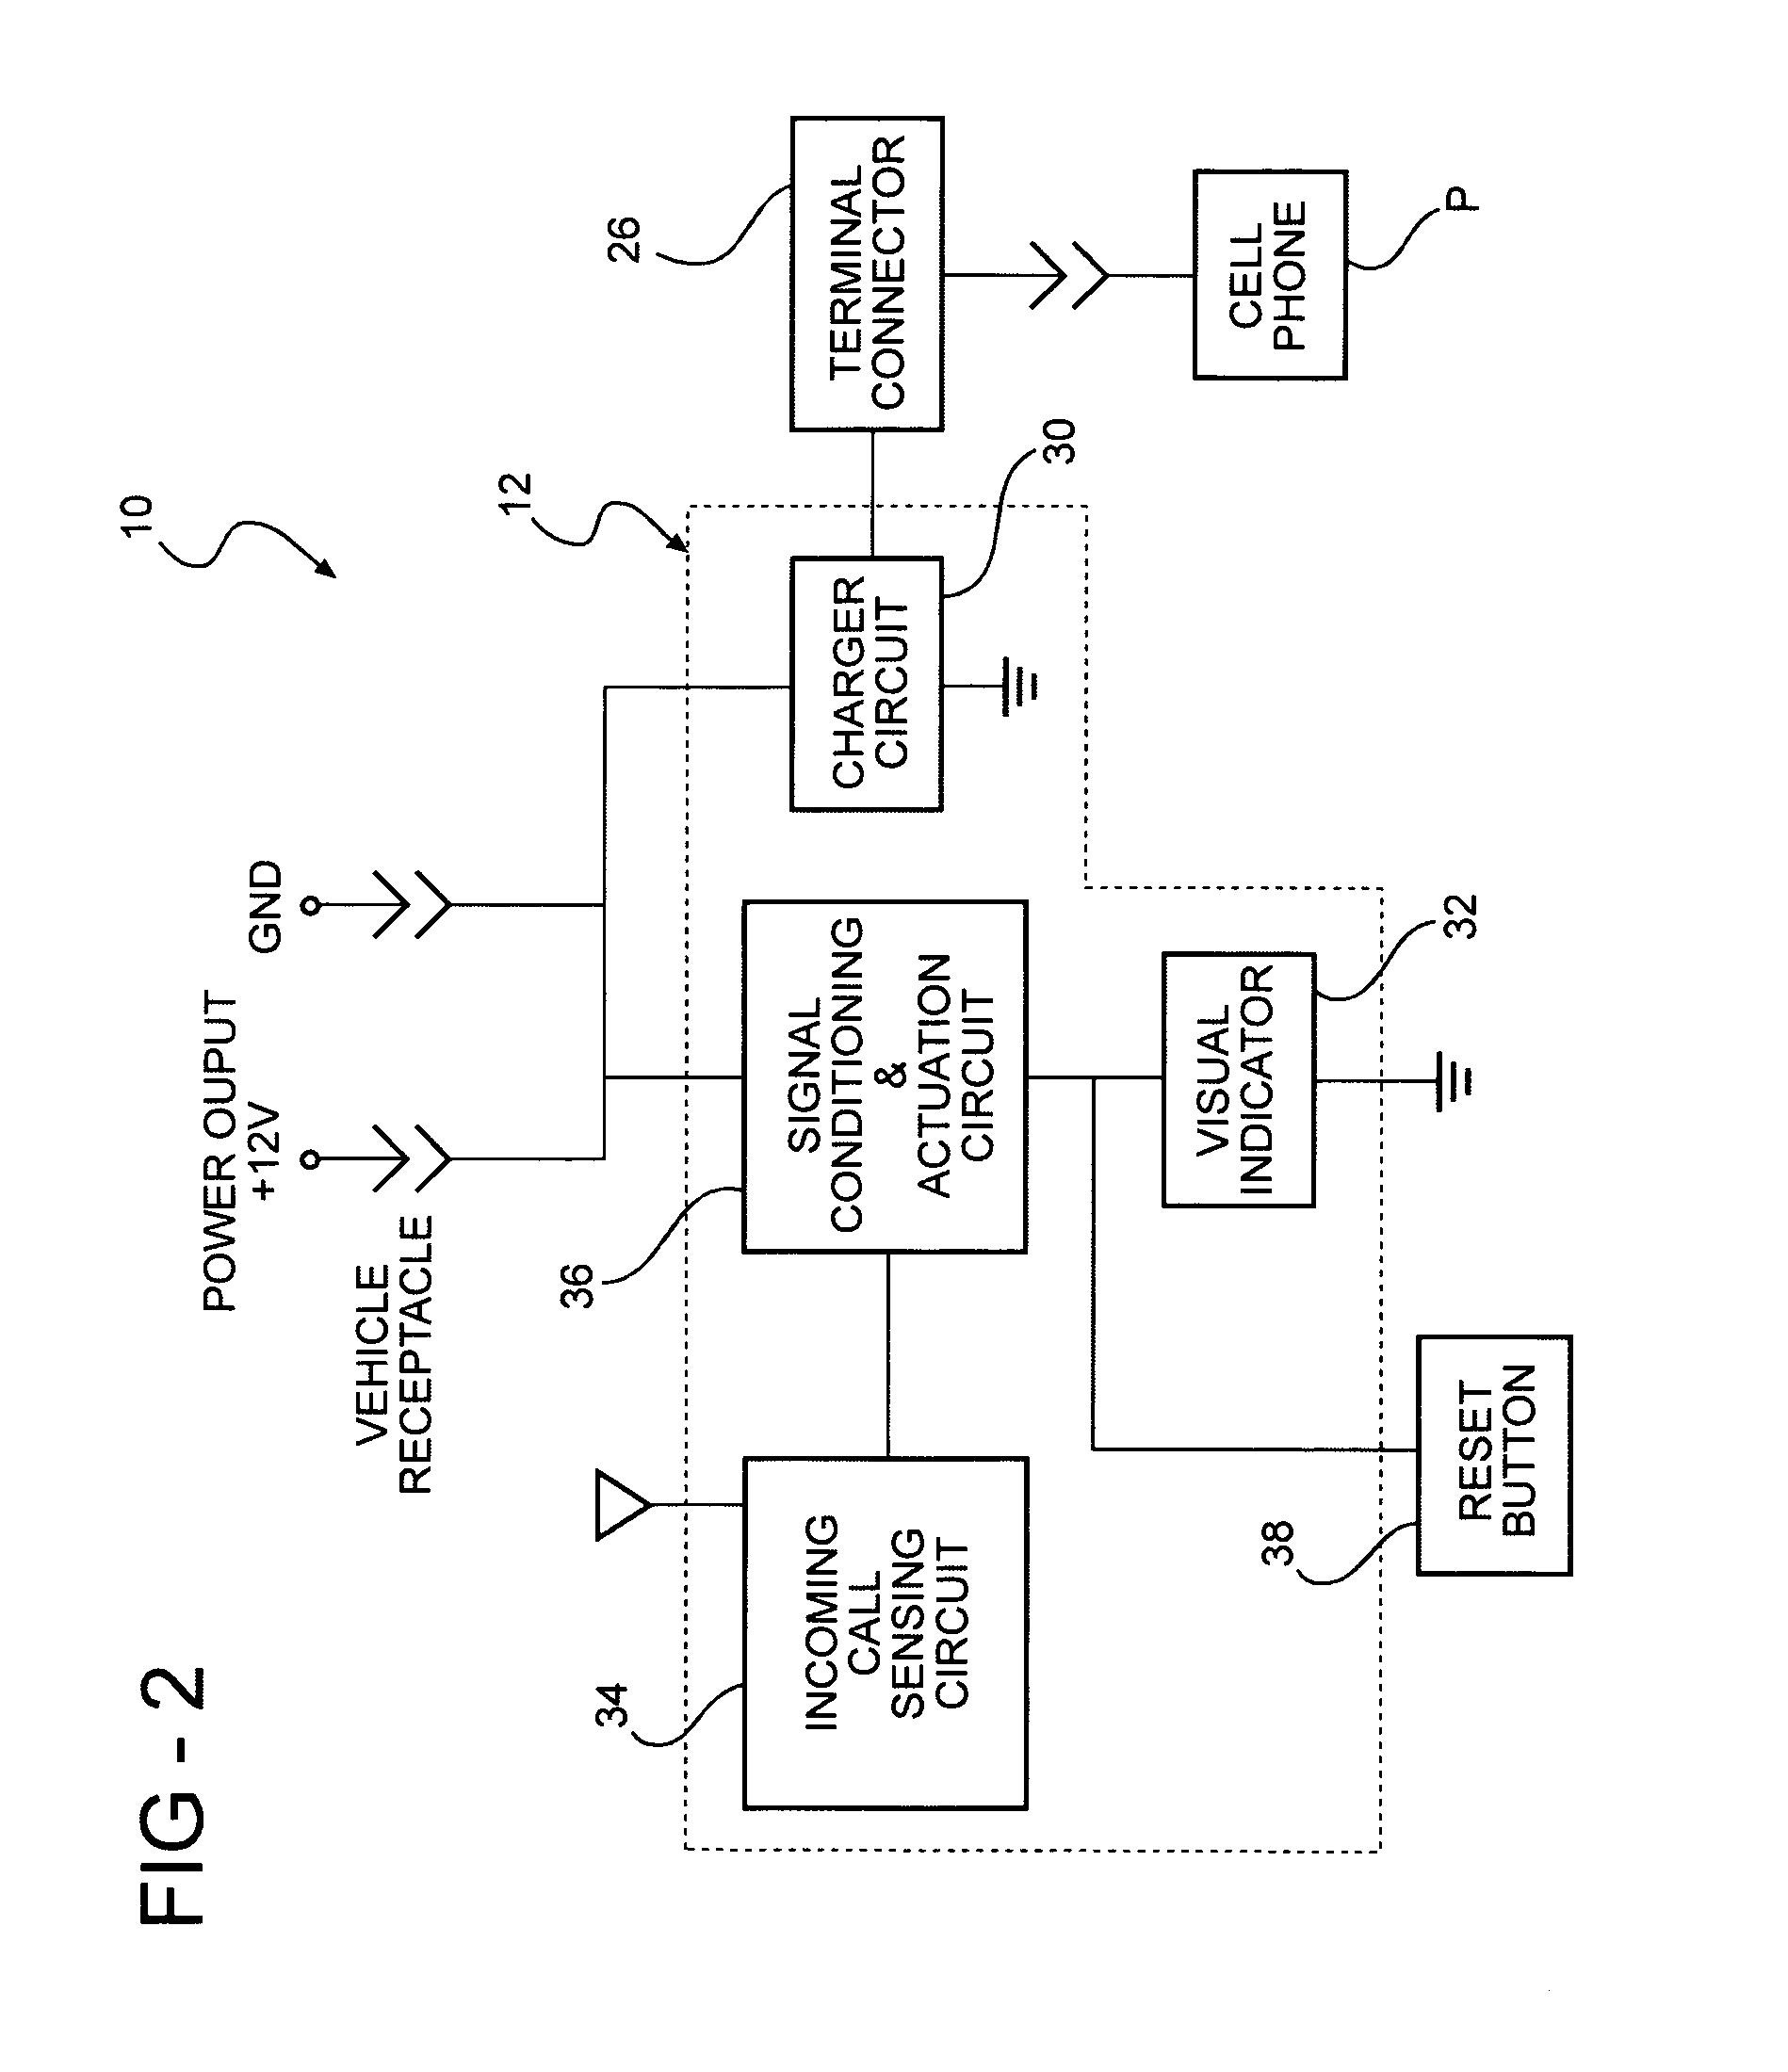 patent us7130666